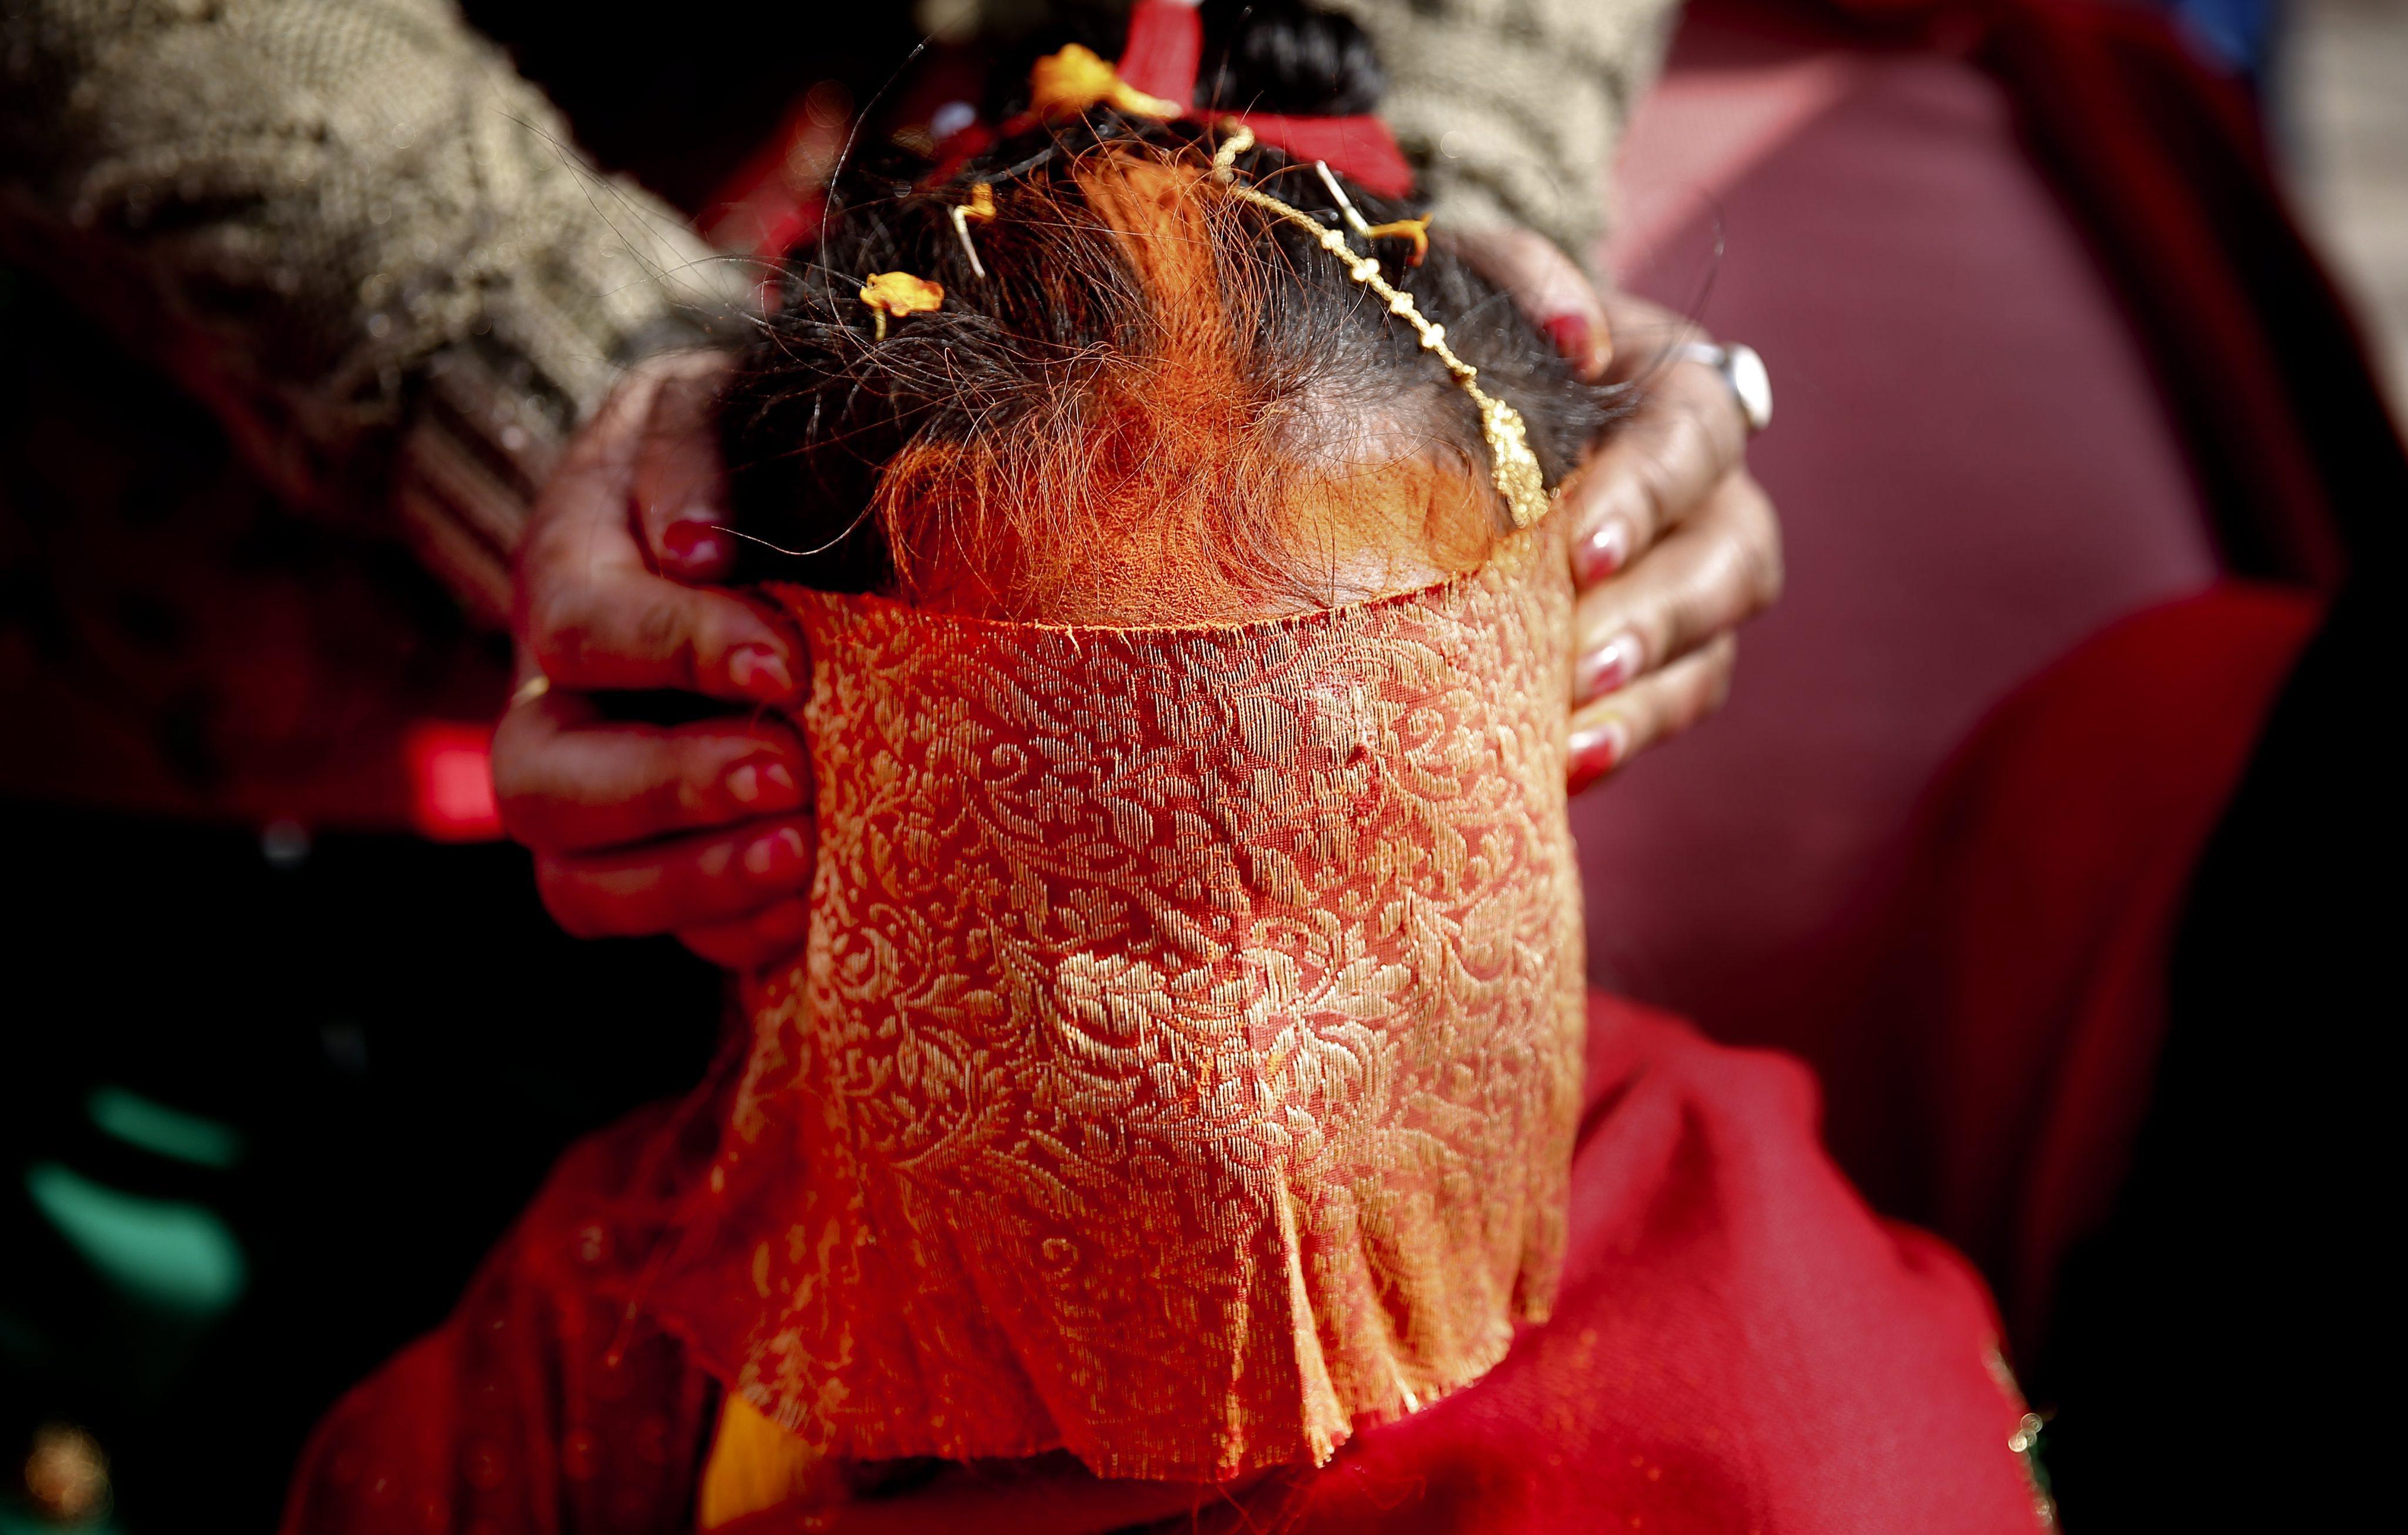 Детските бракове в Непал са забранени от 1963 г. насам, но консервативните селски общности пренебрегват забраната. Всяко трето момиче в Непал се задомява преди да е навършило пълнолетие, а всяко десето - преди да е навършило 15 години. При това не по собствена воля.